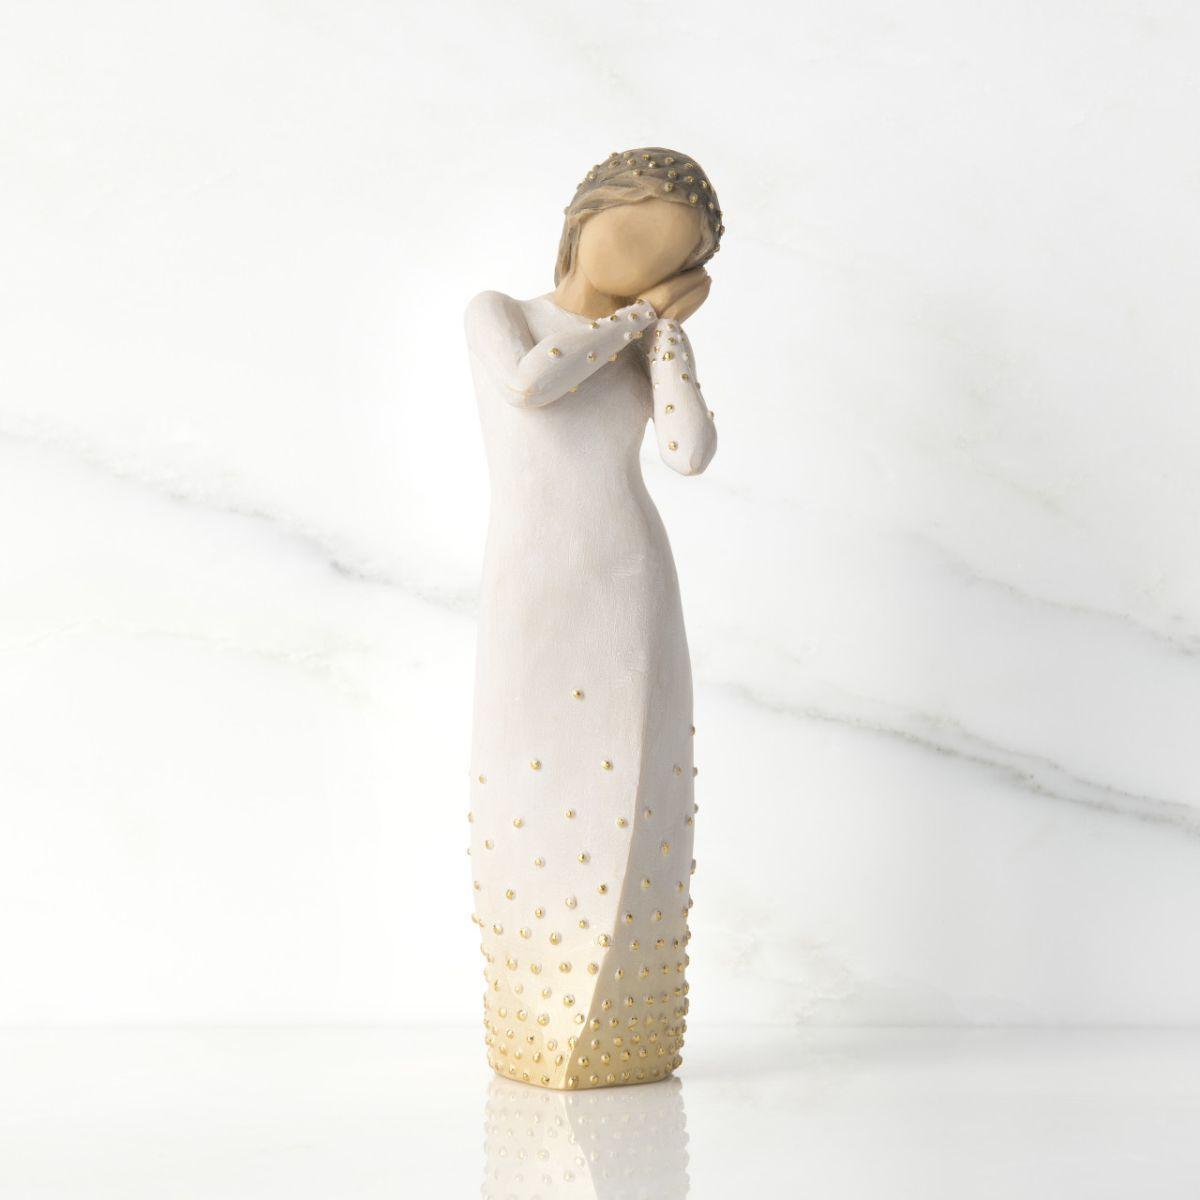 ウィローツリー 彫像 【Wishing】 - 願い